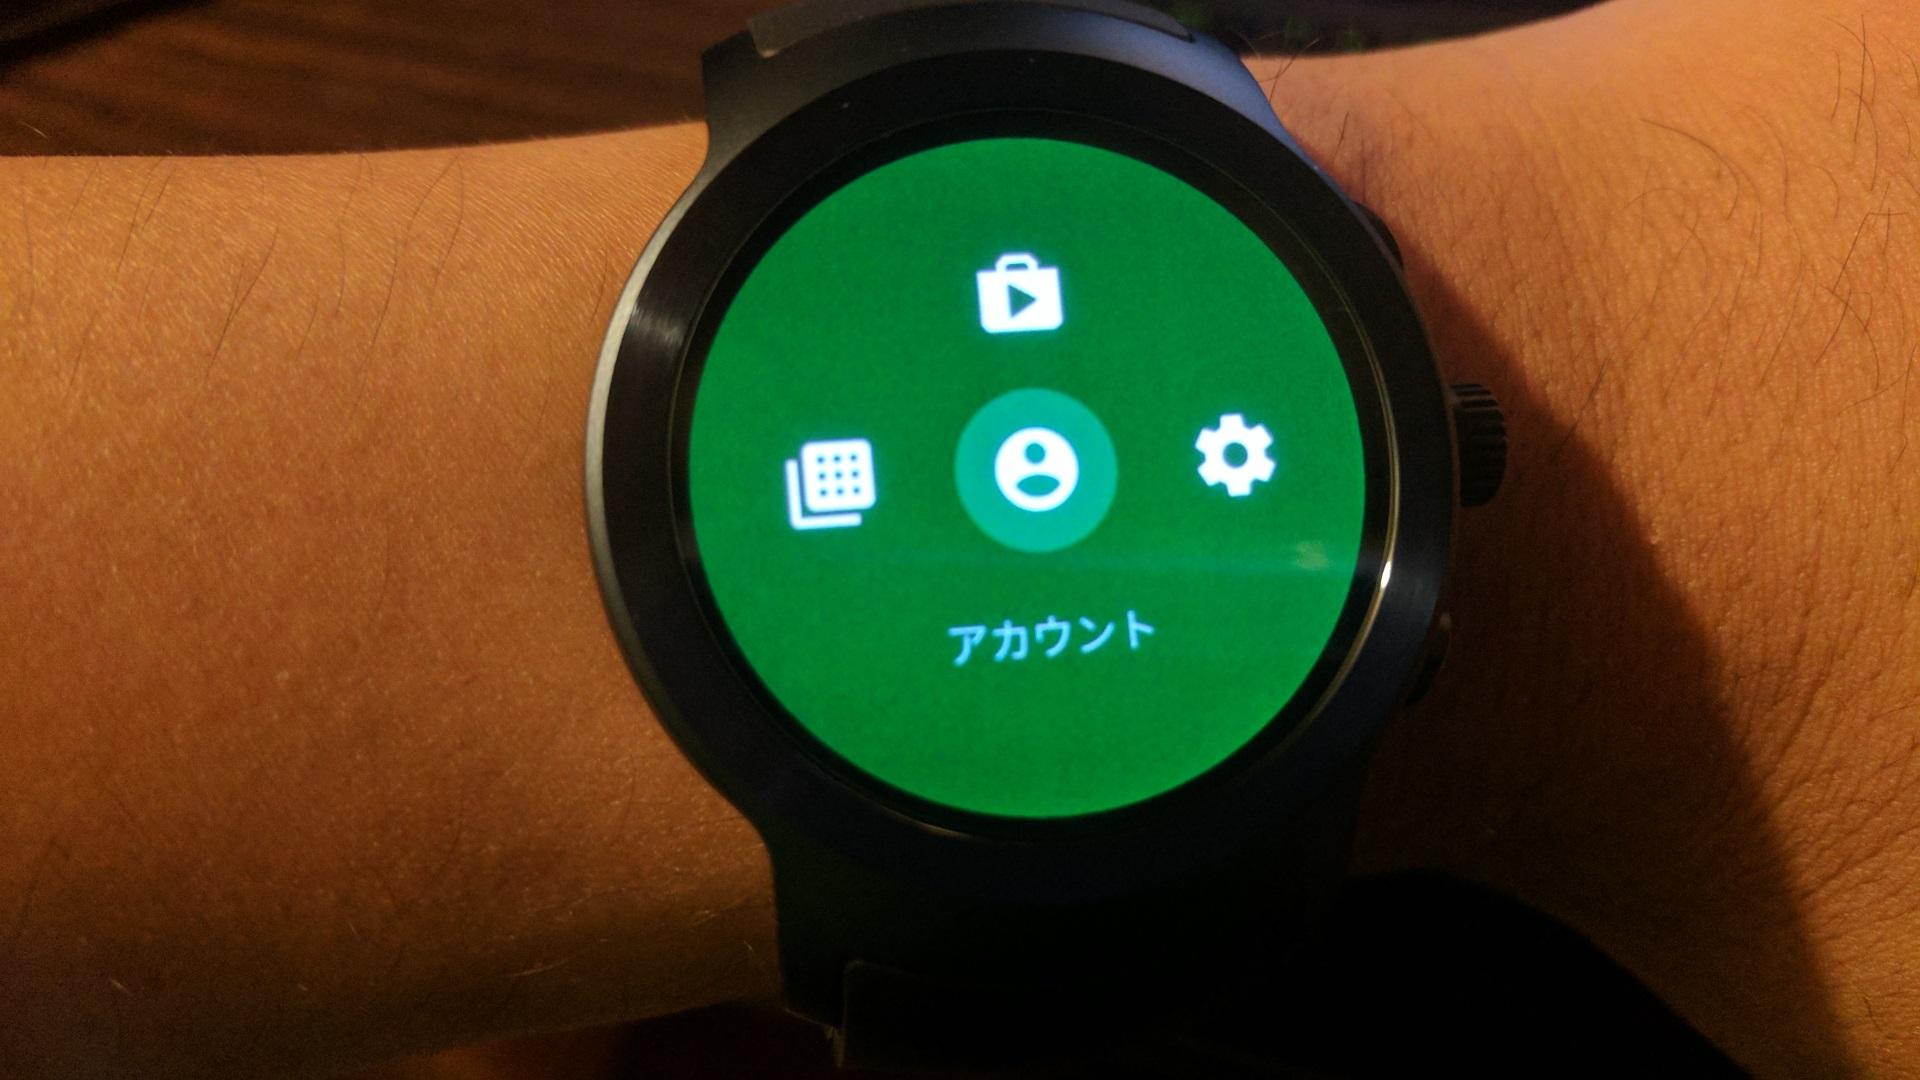 Android Wear 2.0ではAndroidのように複数のGoogleアカウントを登録してアプリごとに切り替えることができる